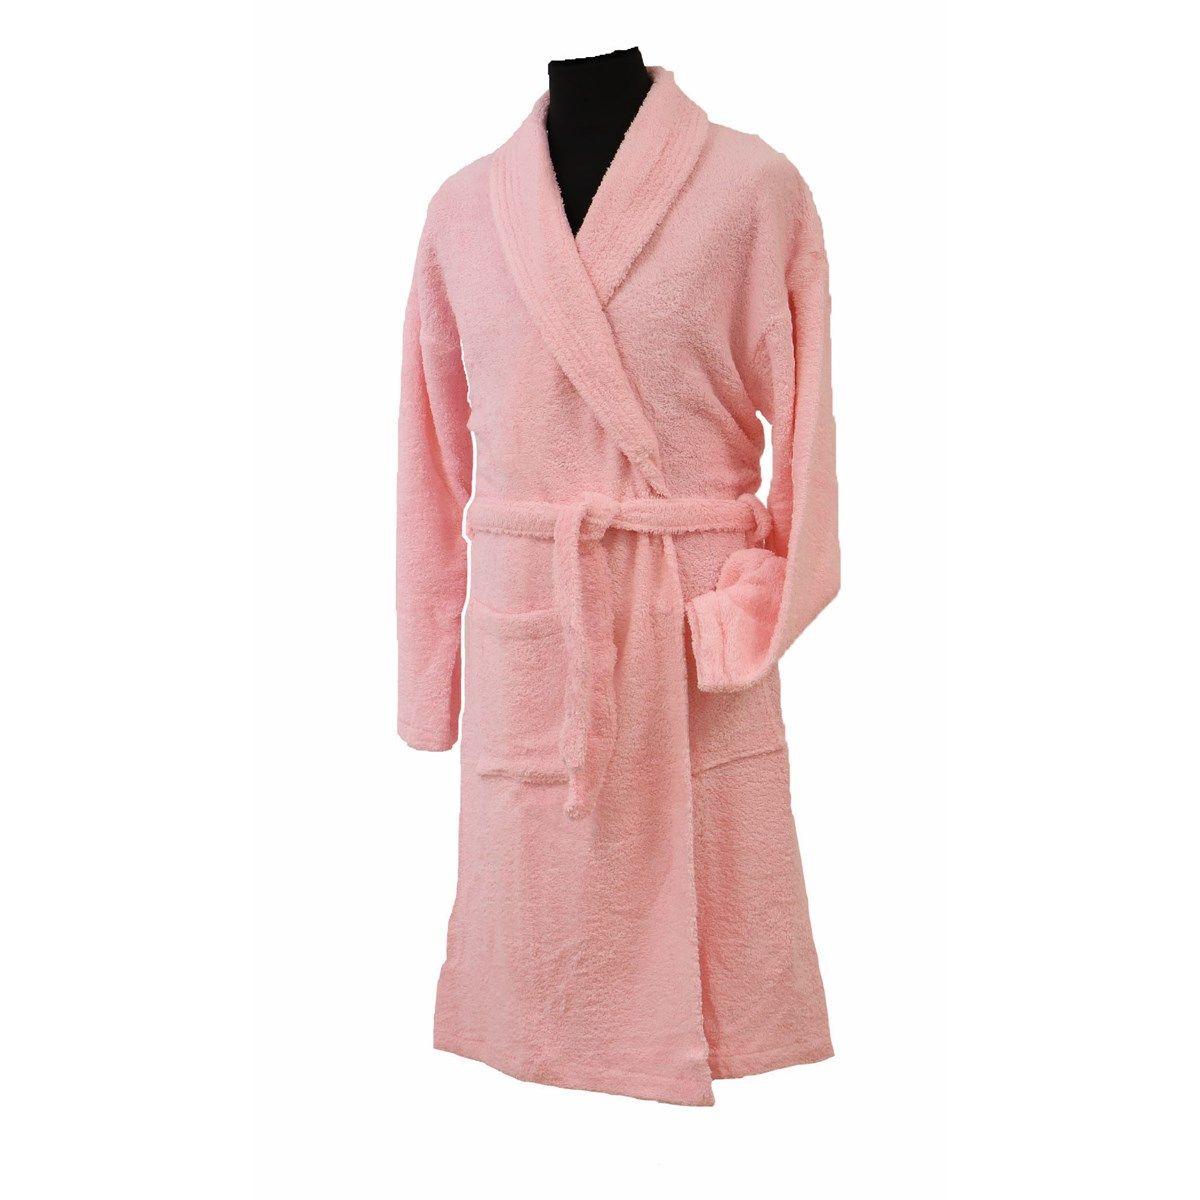 CONFORT - Peignoir mixte col chale coton rose pastel M (photo)